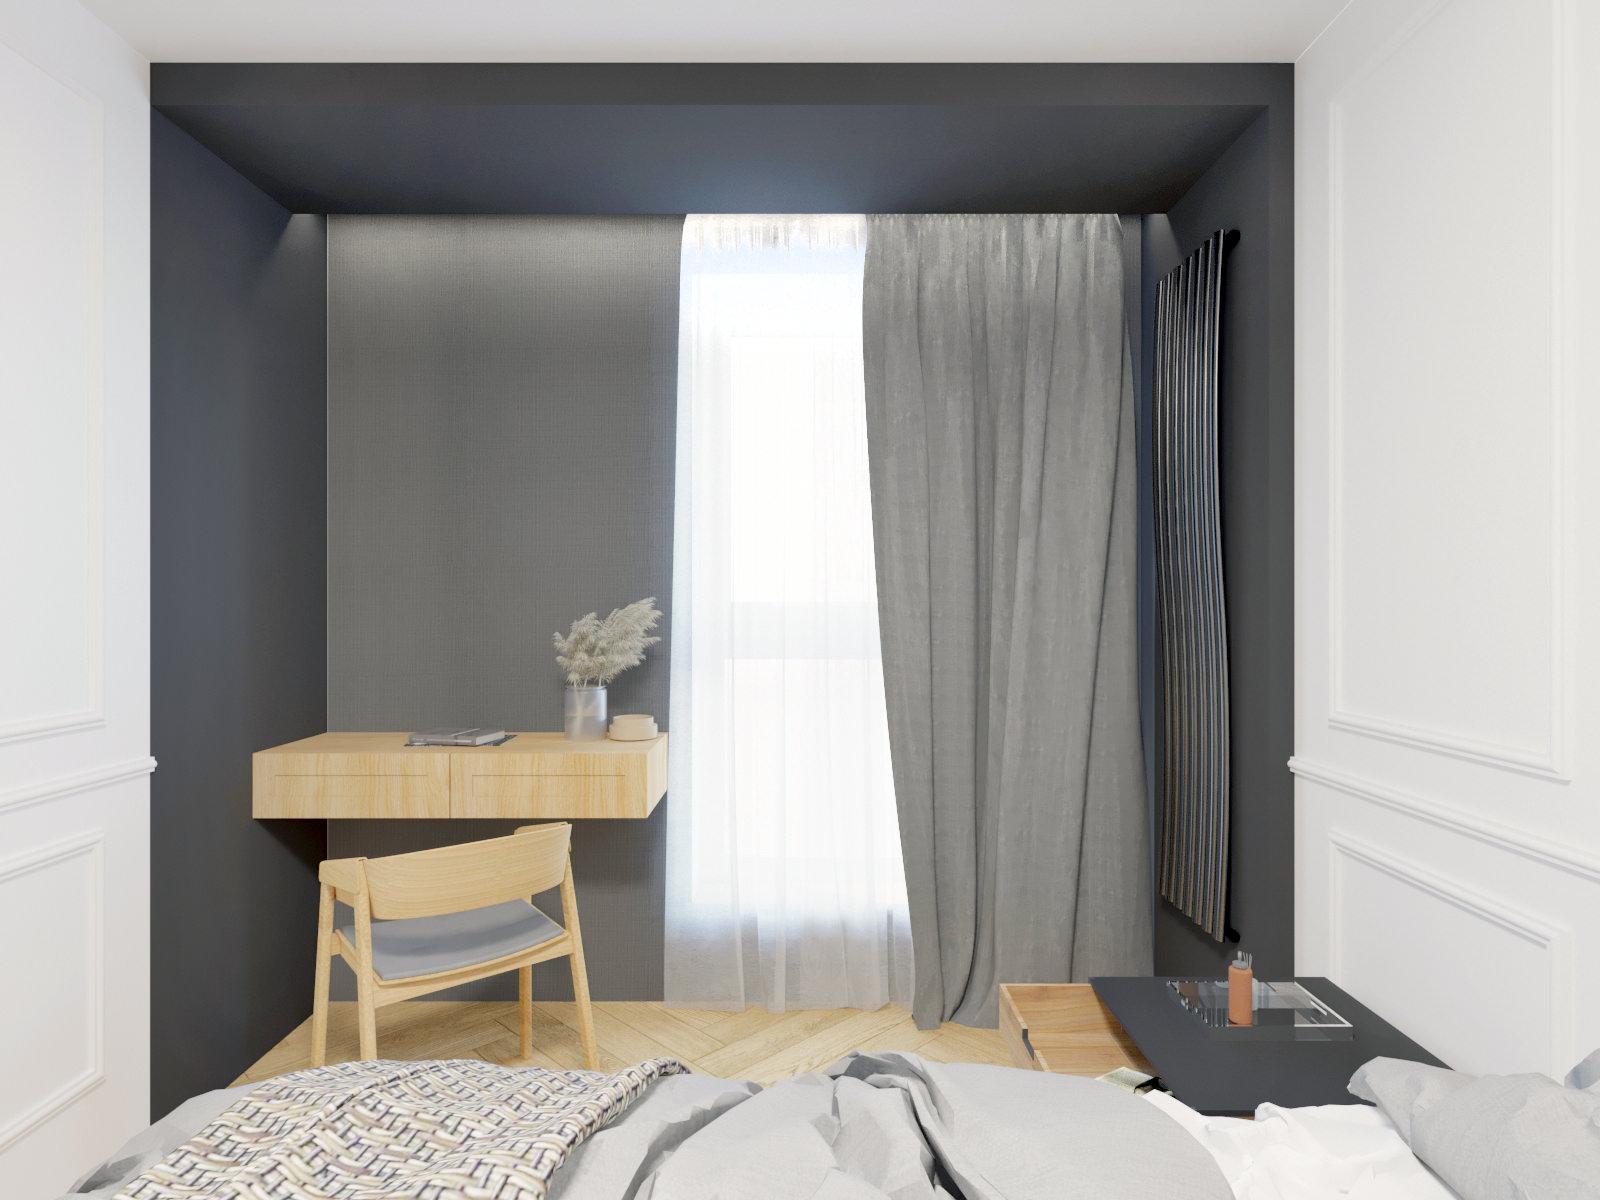 sypialnia wizualizacja projektu